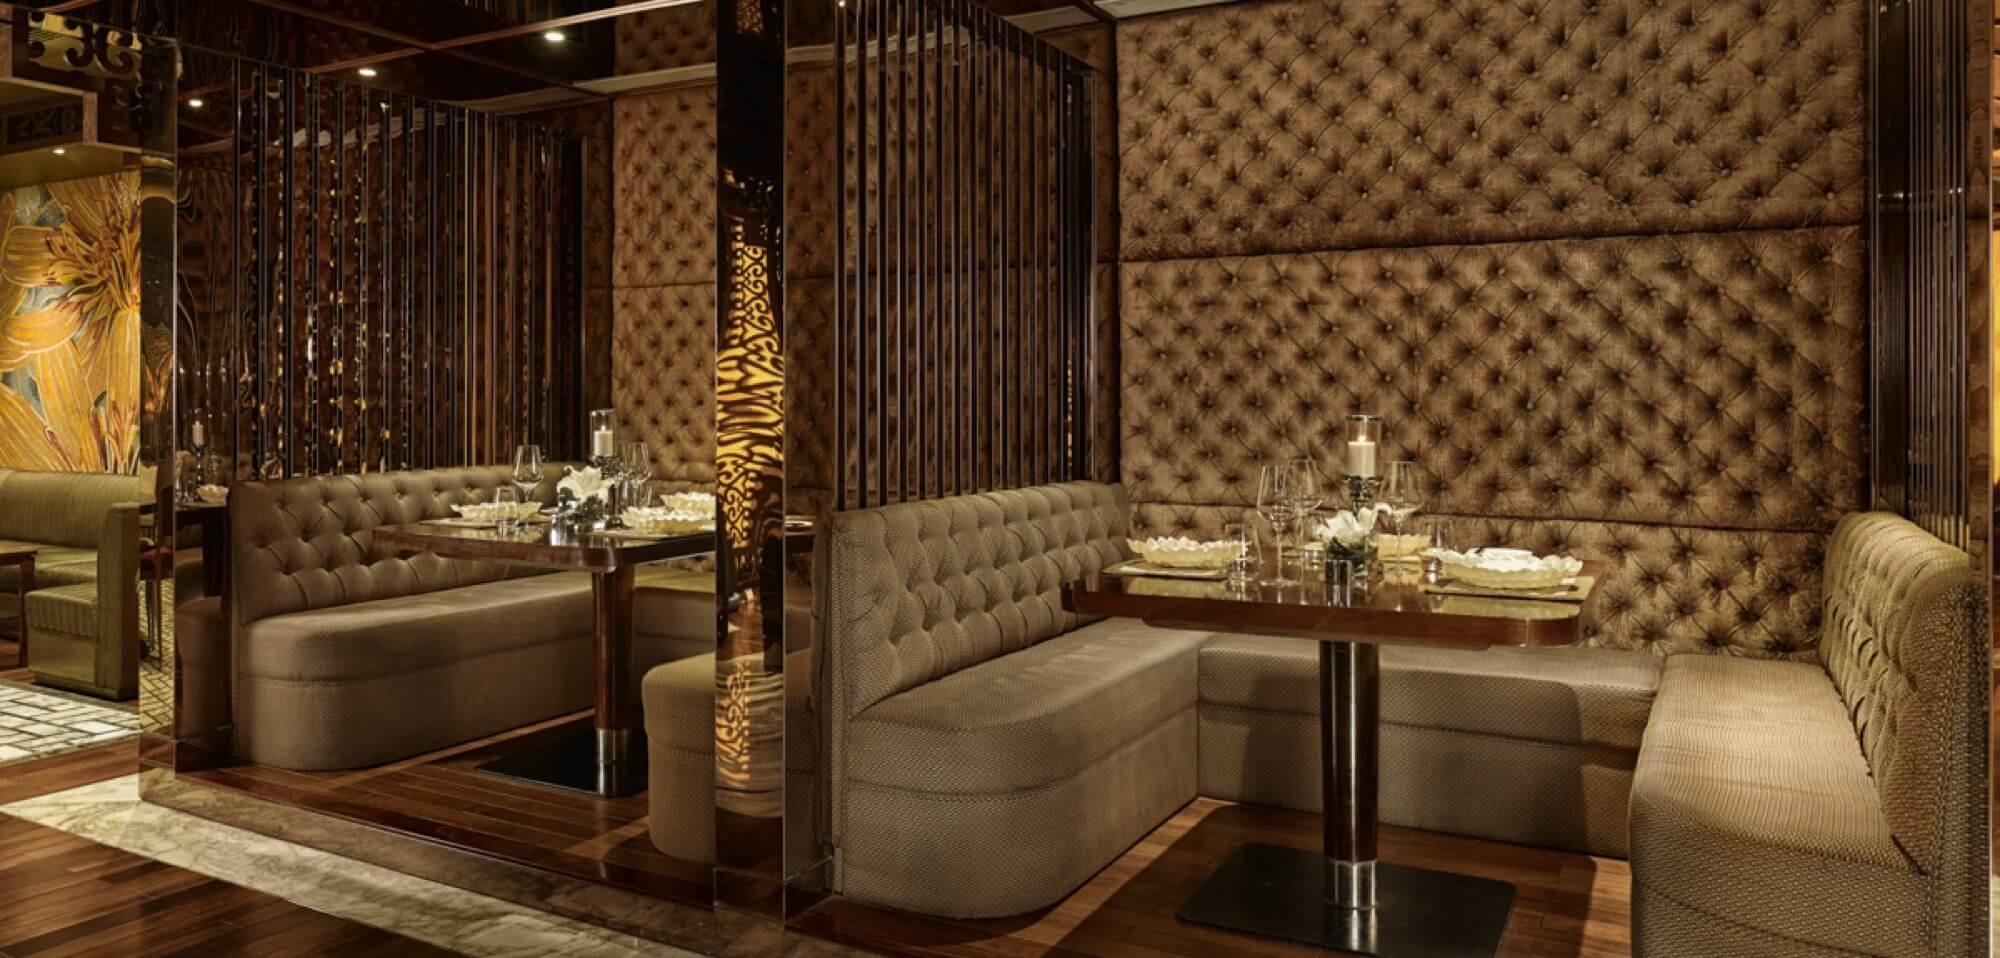 The Reverie Saigon Restaurant